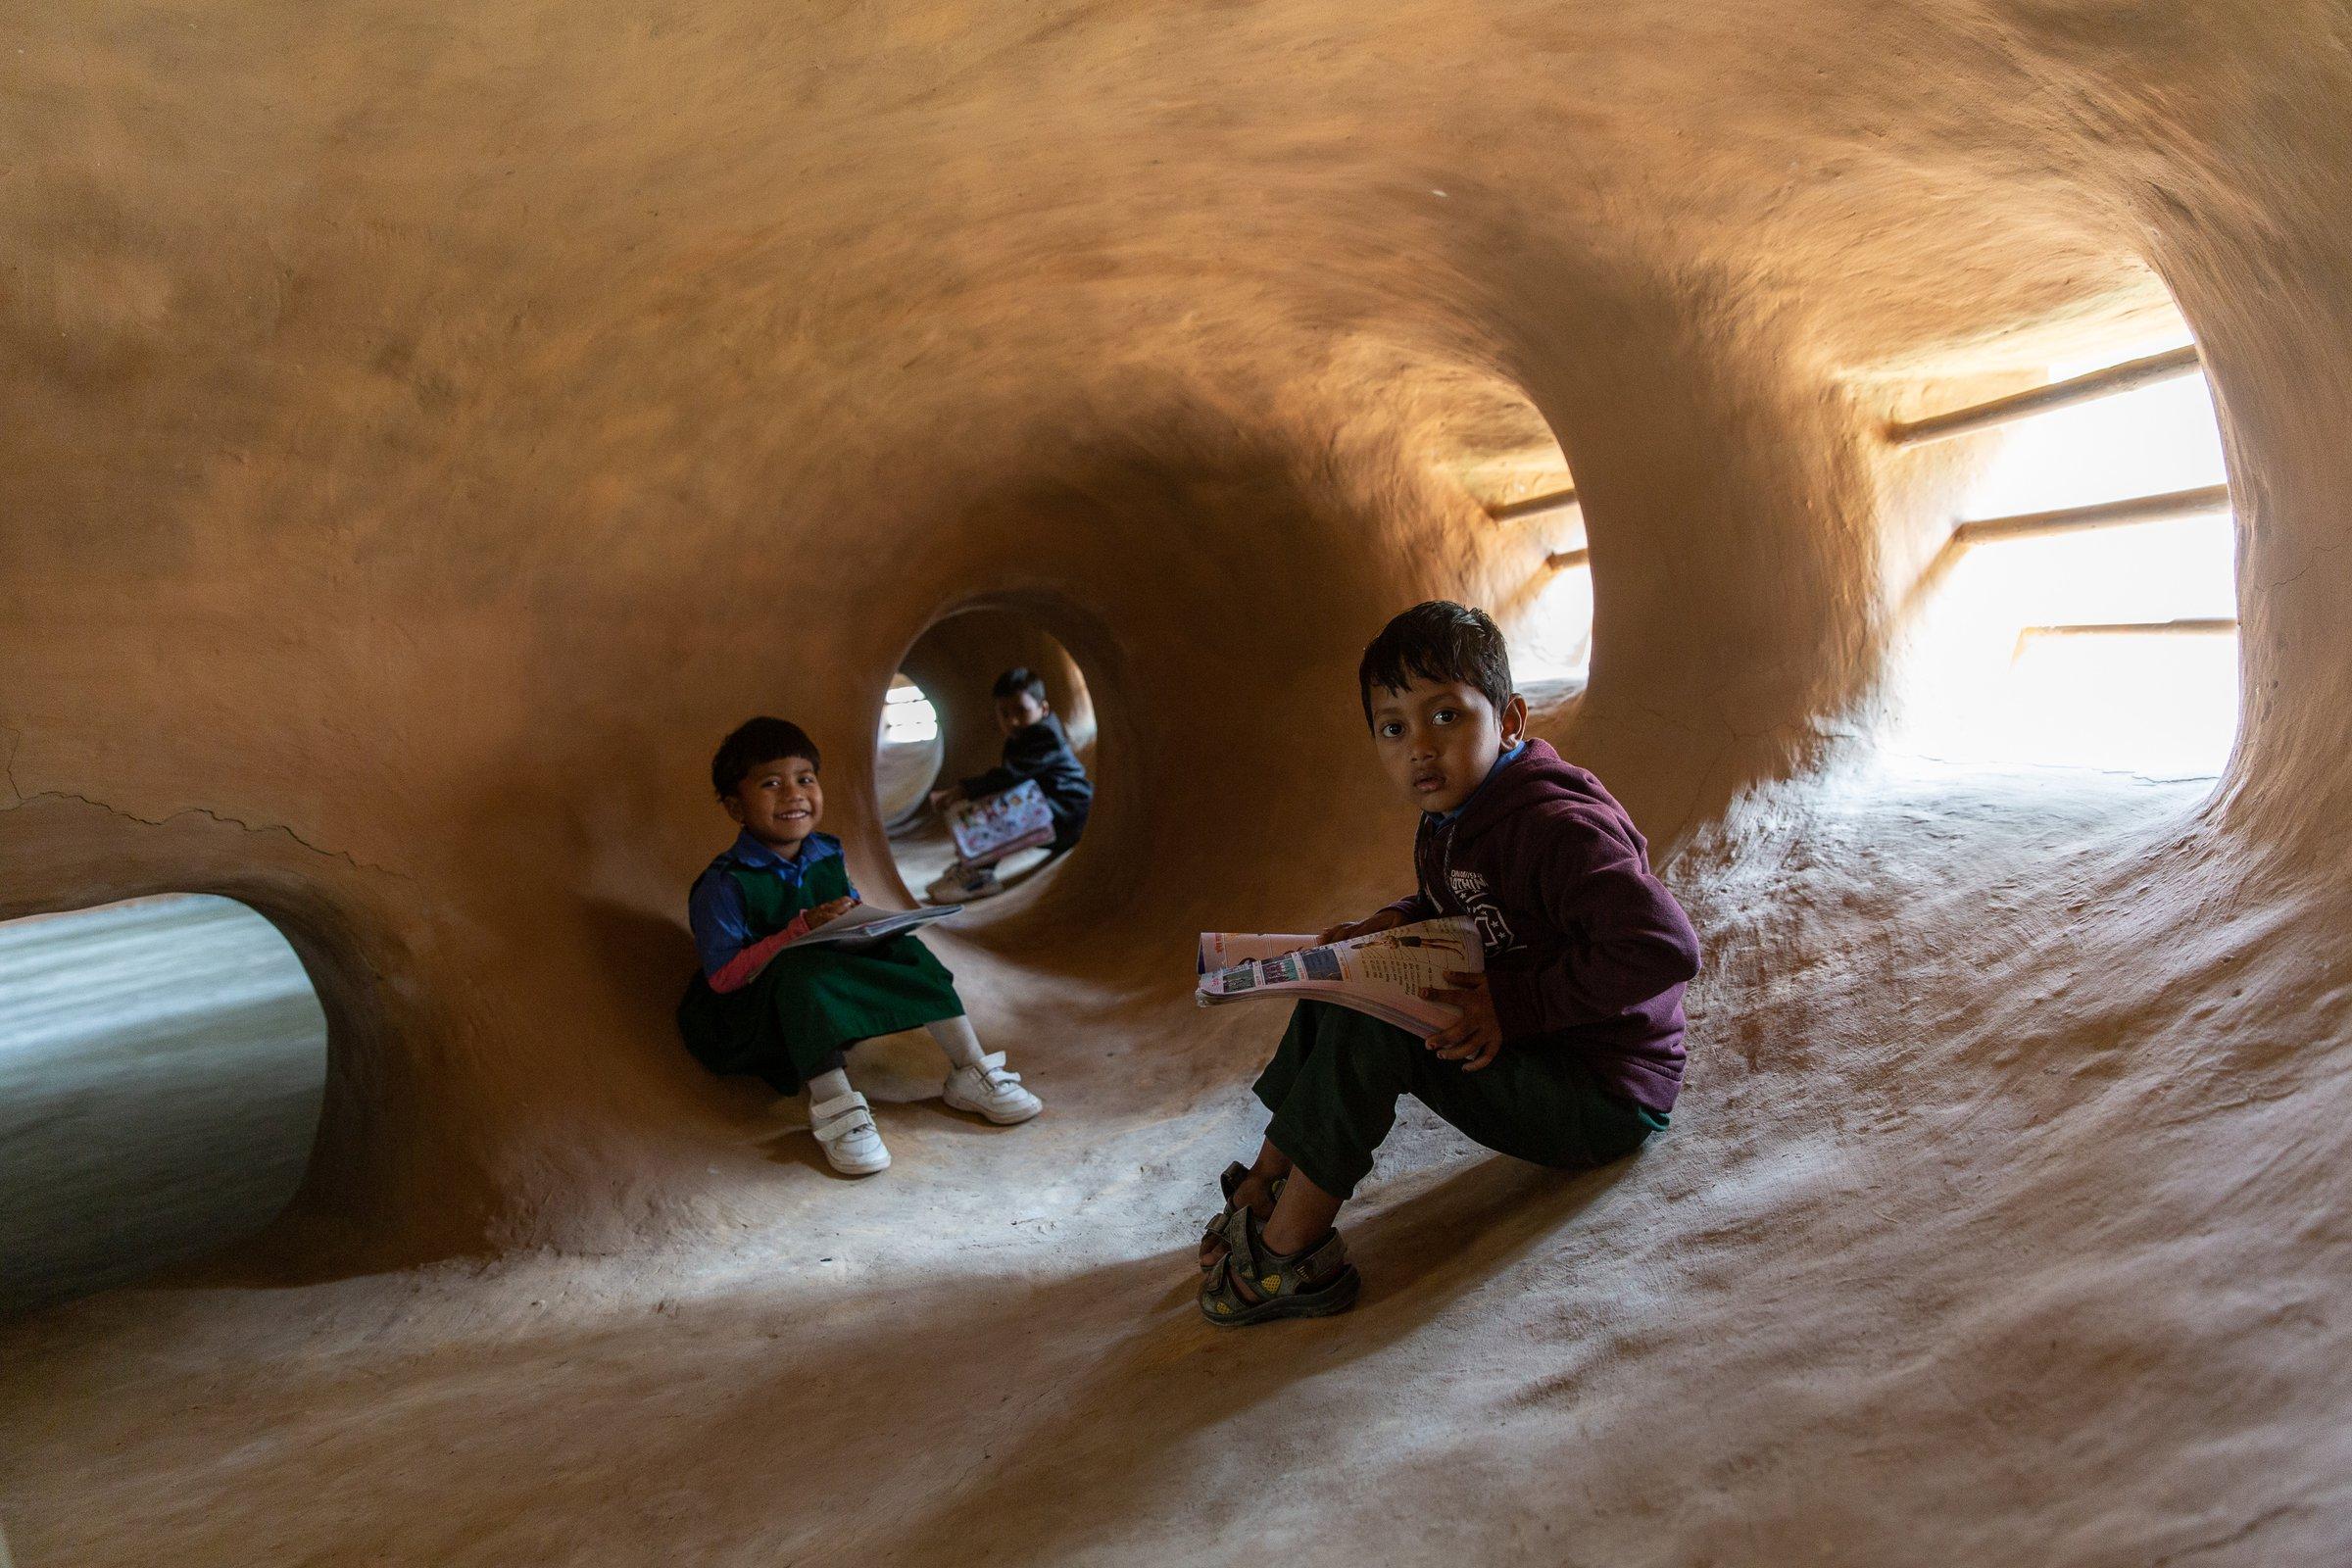 Formas do edifício são um estímulo ao desenvolvimento psicomotor das crianças atendidas pelo centro.